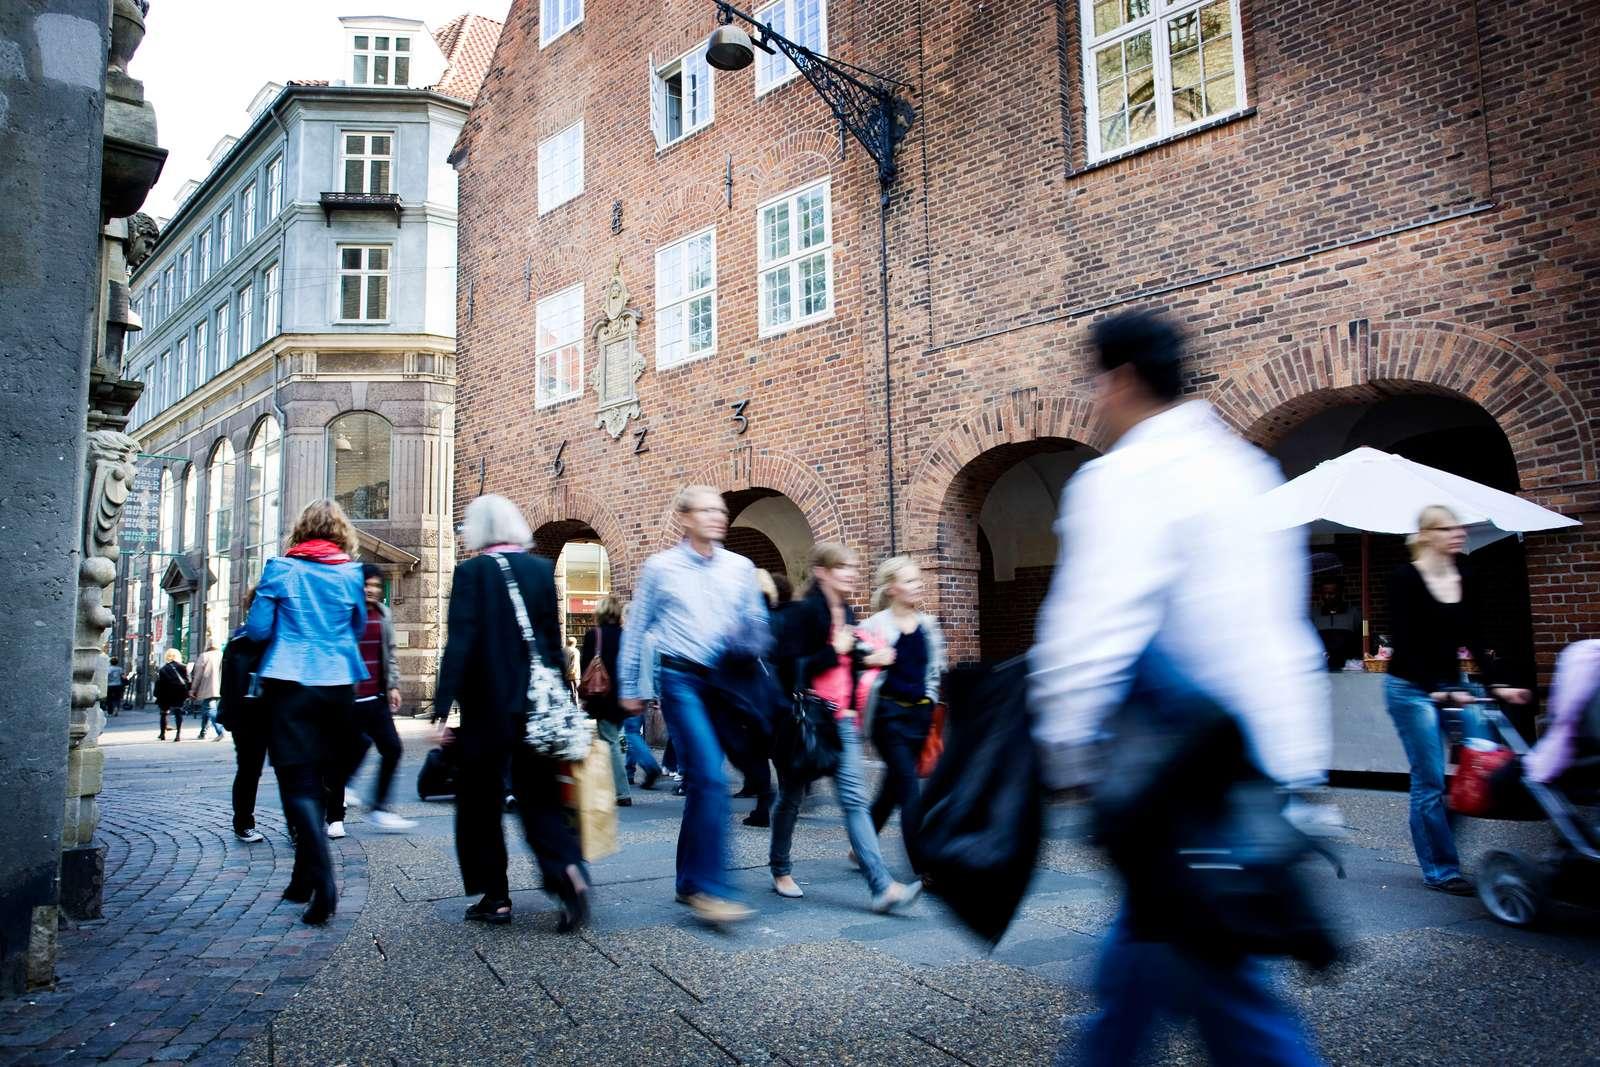 Antallet af svenske turister i Danmark falder. Sverige er et af Danmarks vigtigste turismemarkeder i forhold til hvad svenskerne generelt bruger og overnatninger. Arkivfoto fra Wonderful Copenhagen, Ty Stange.